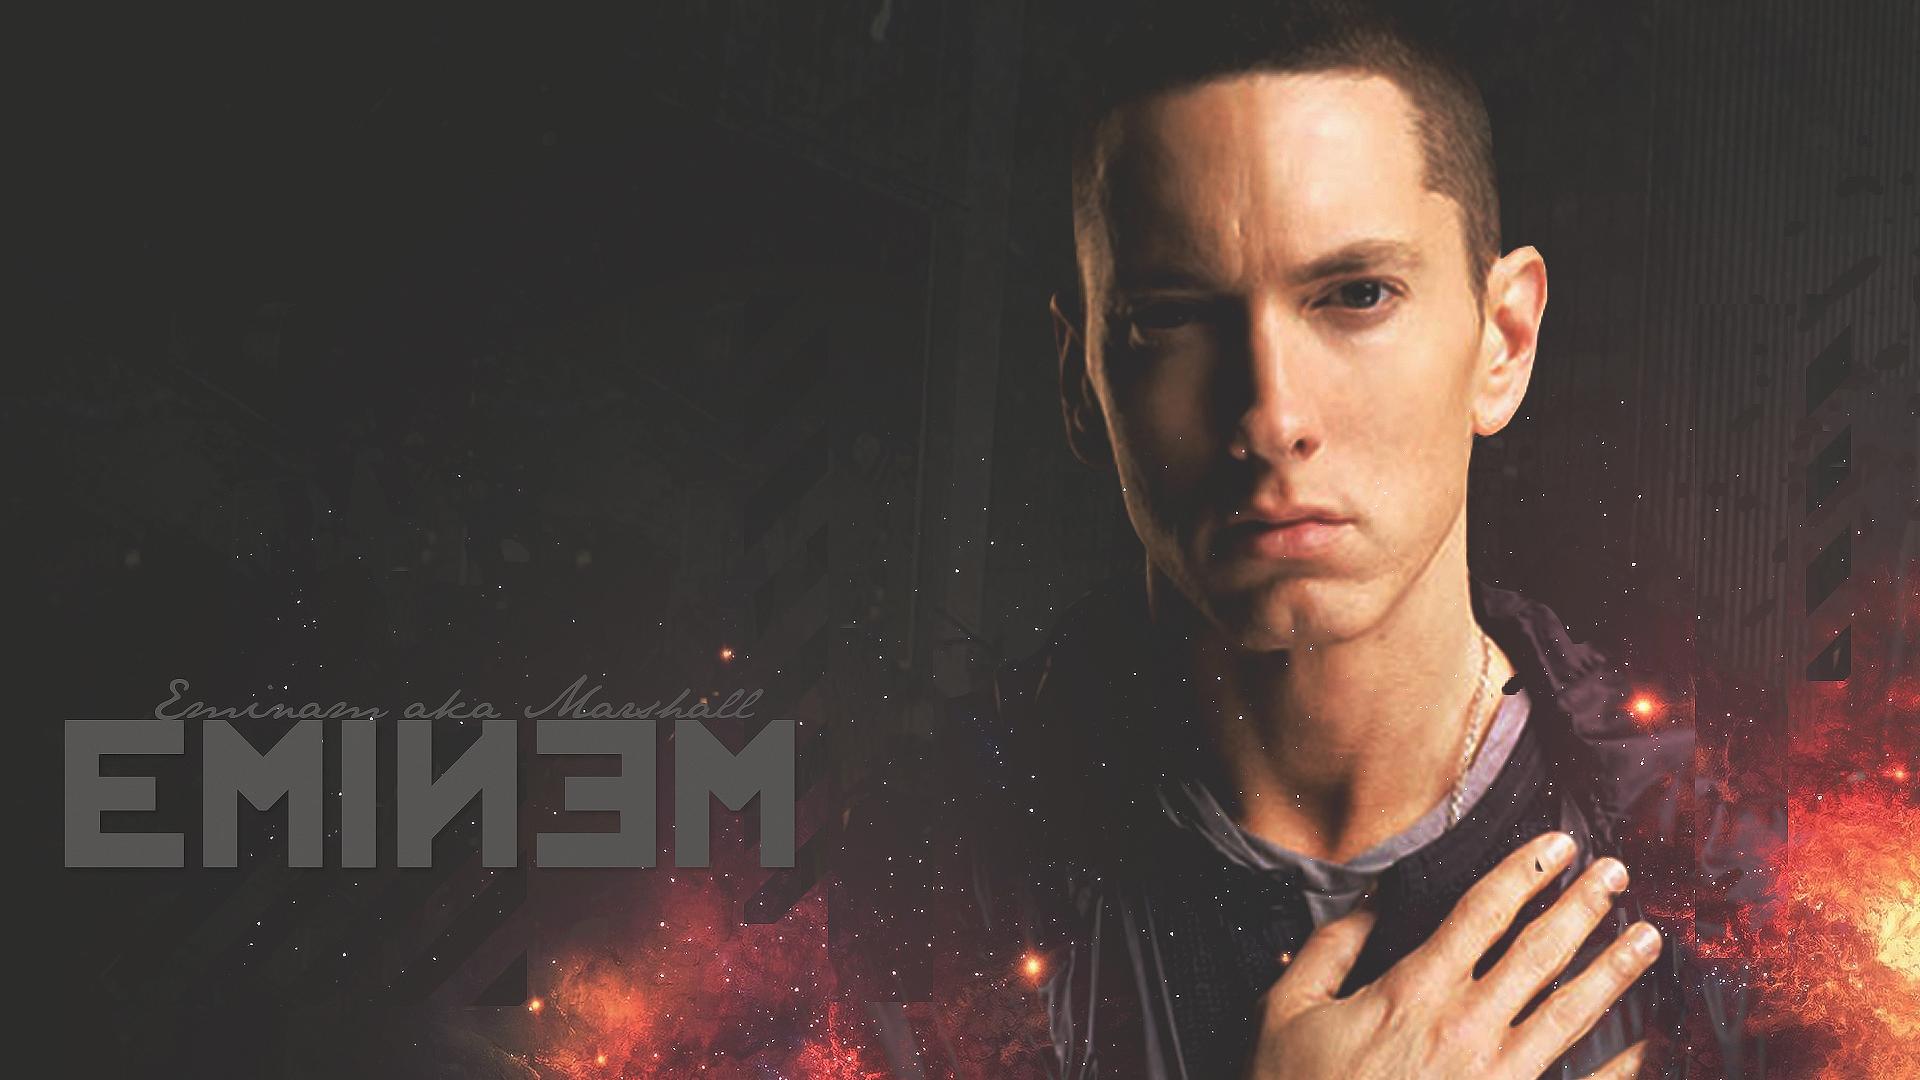 Fantastic Wallpaper Logo Eminem - eminem-wallpaper-6  You Should Have_31434.jpg